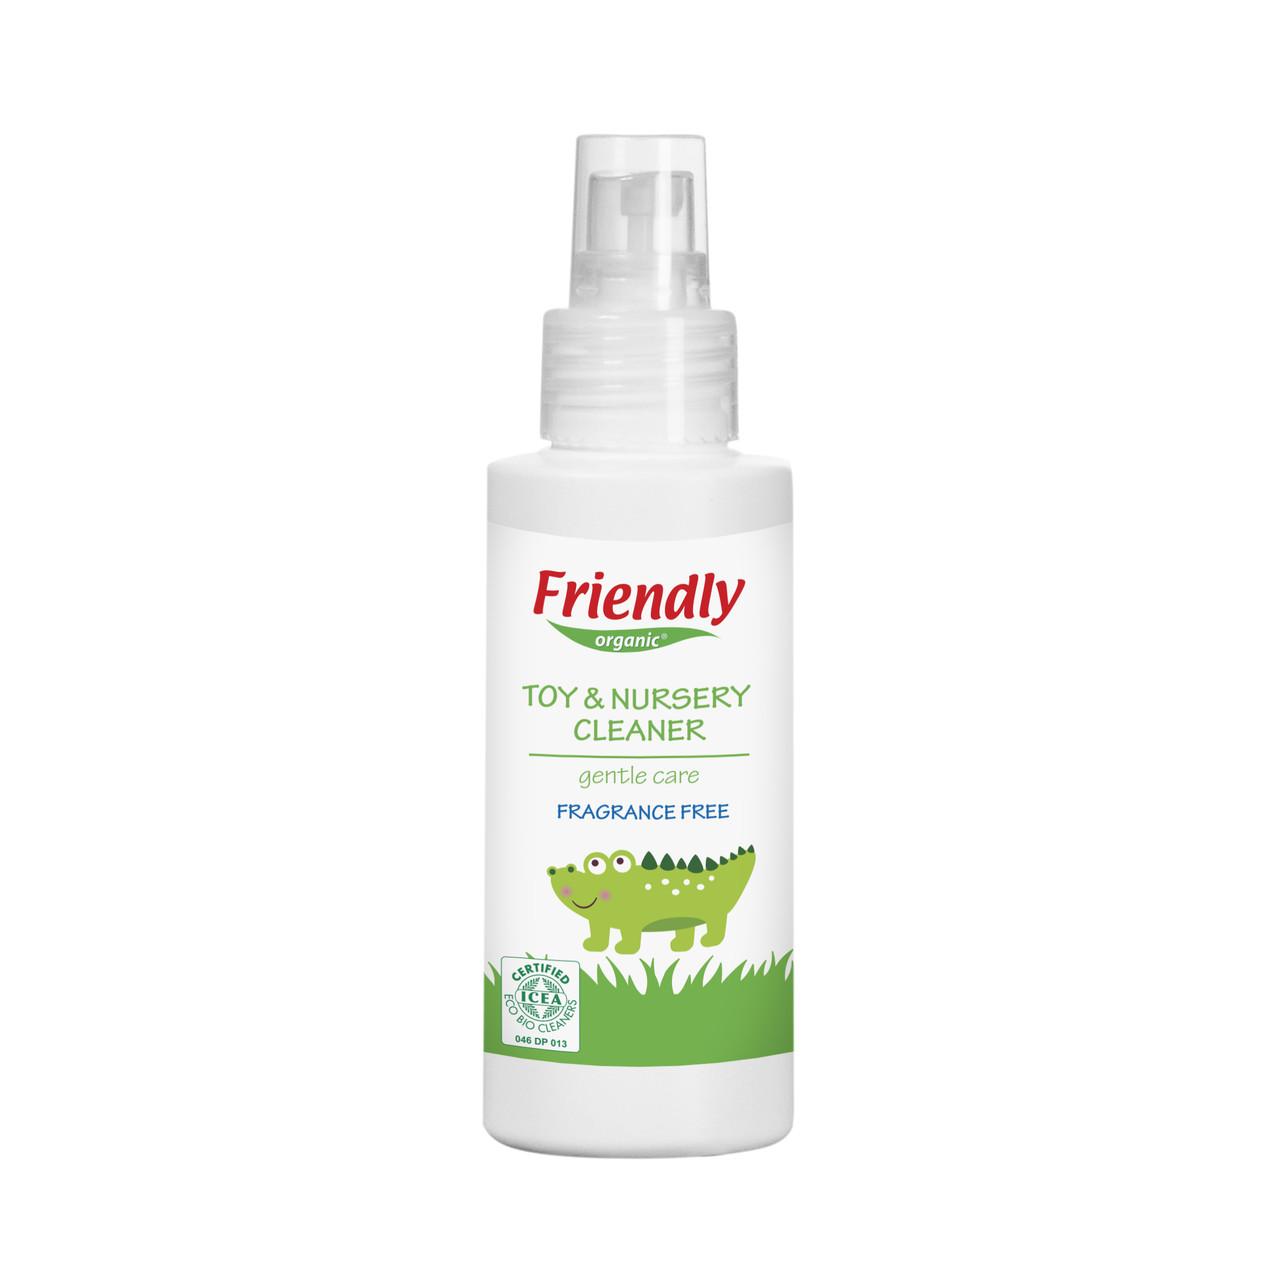 Friendly organic ЭКО Очищающее средство для детской комнаты и игрушек 100 мл